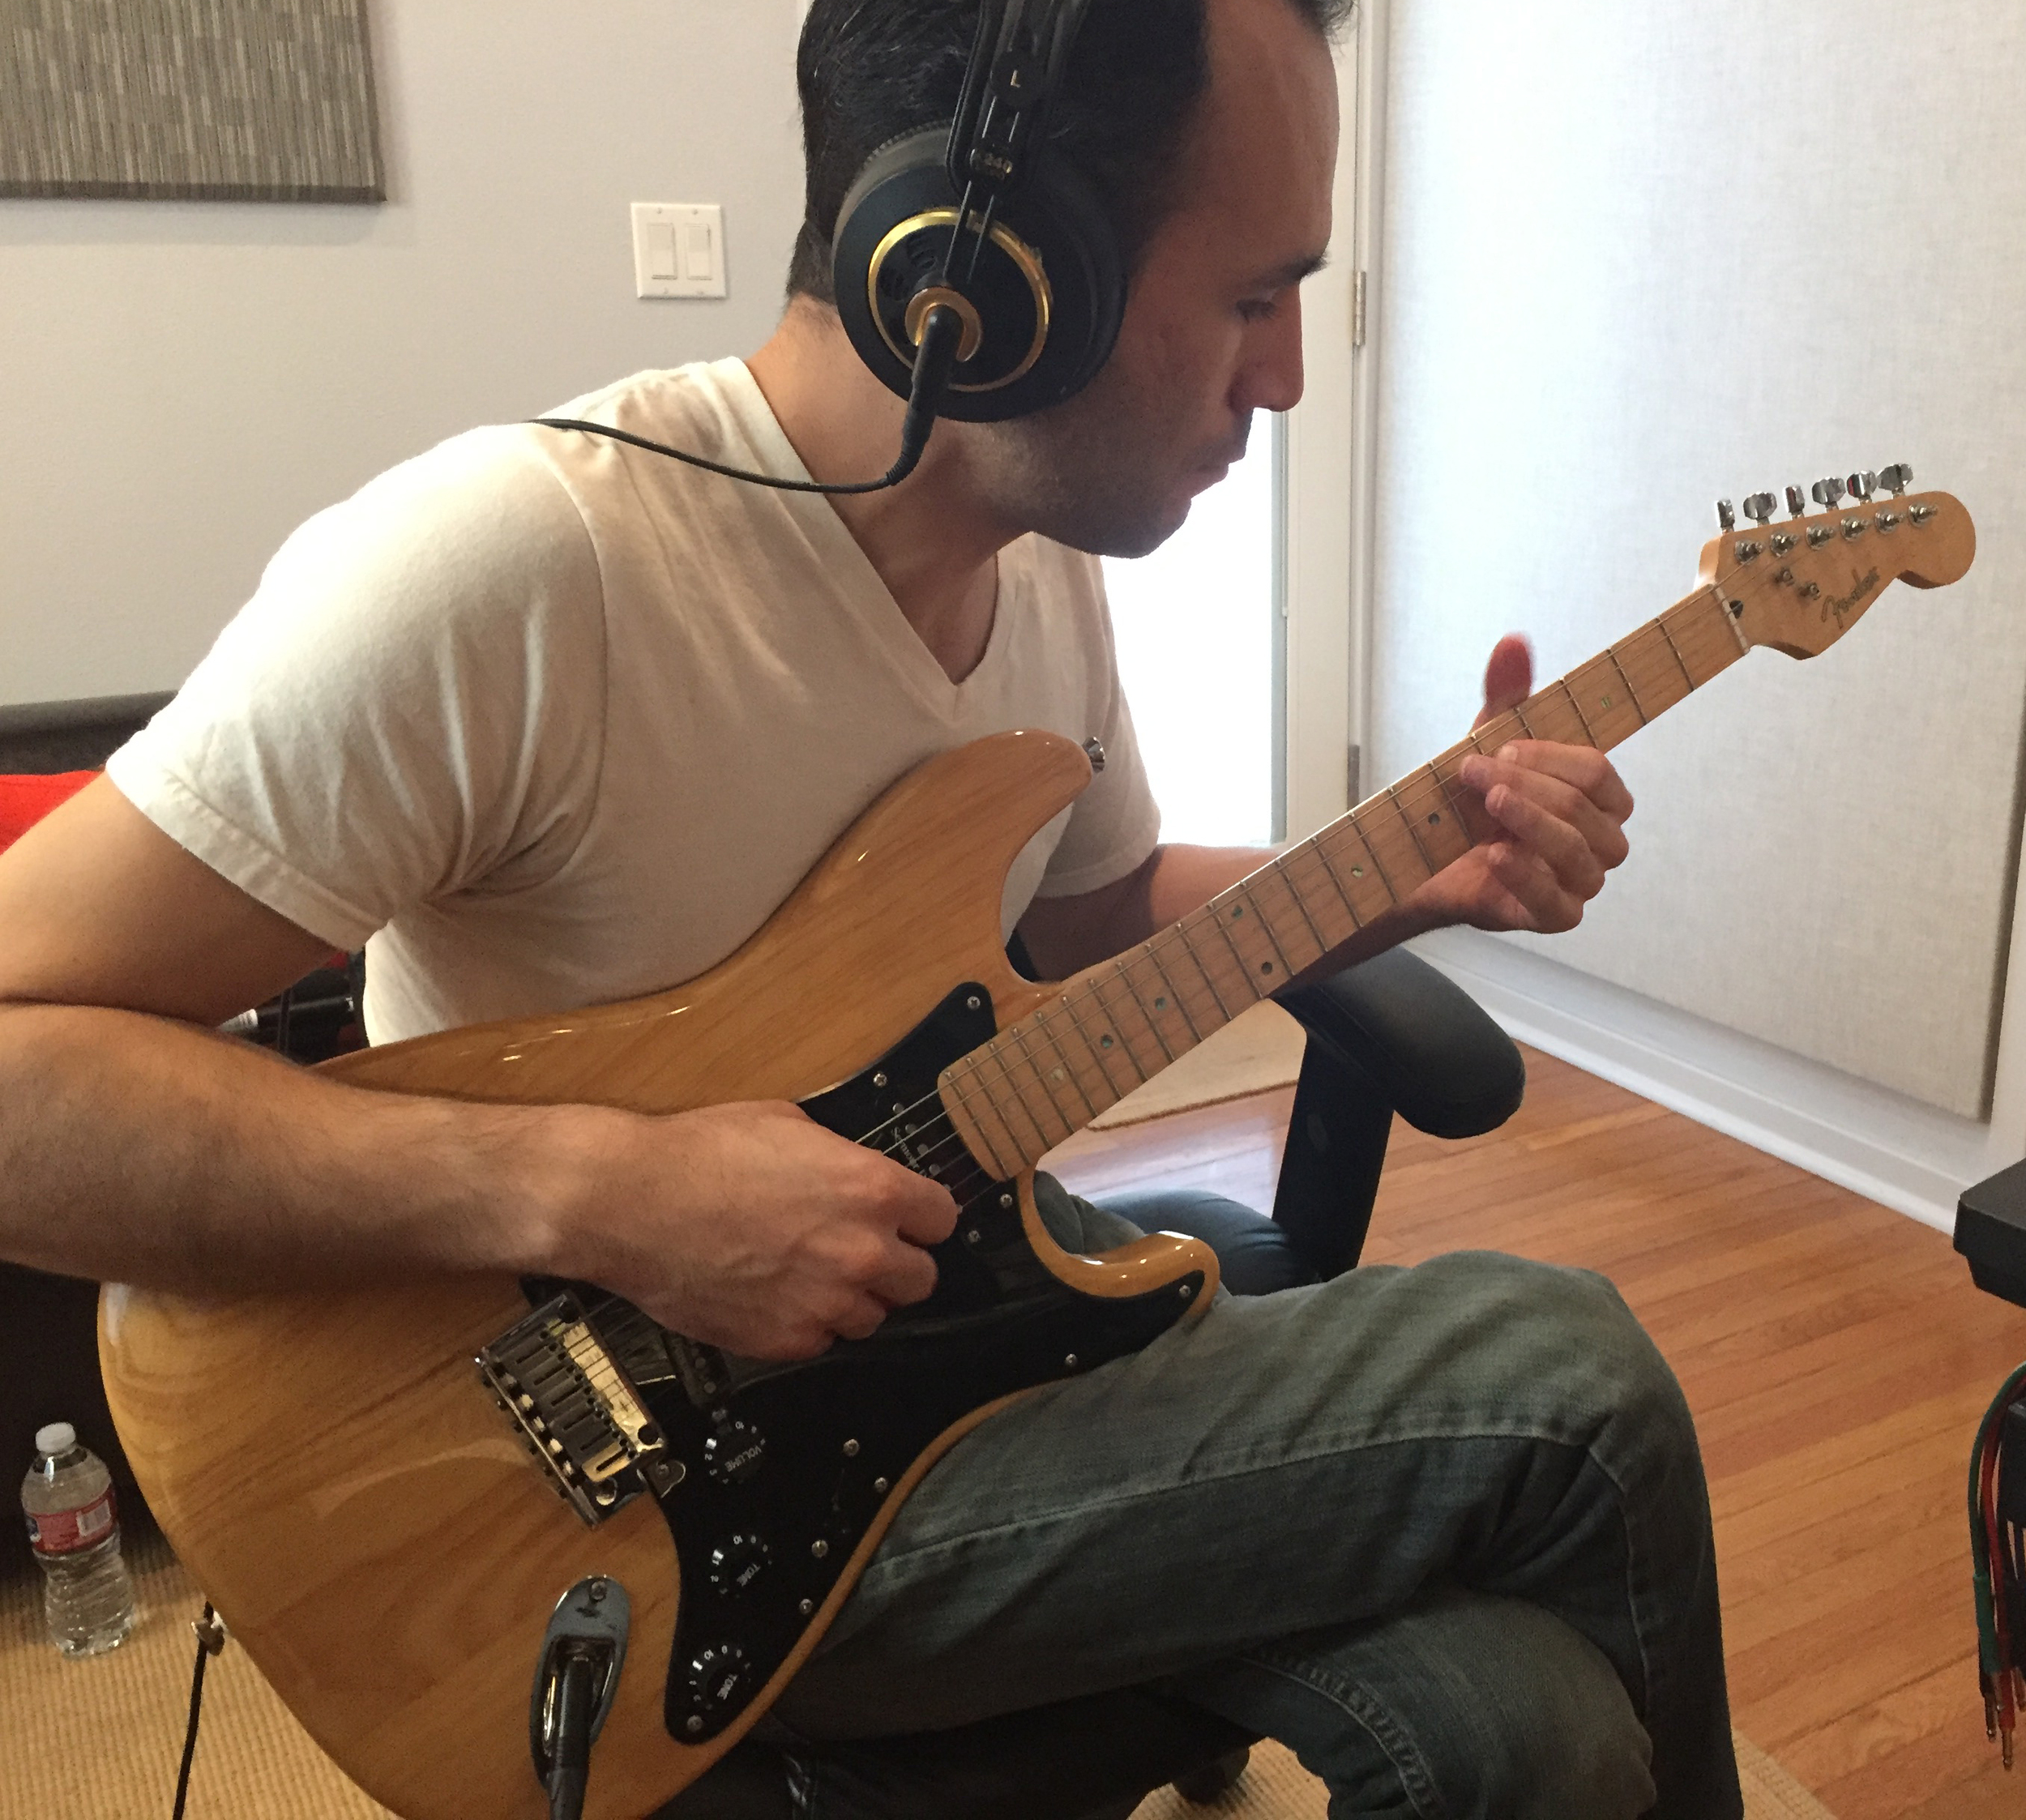 Luis Nariño on Guitar